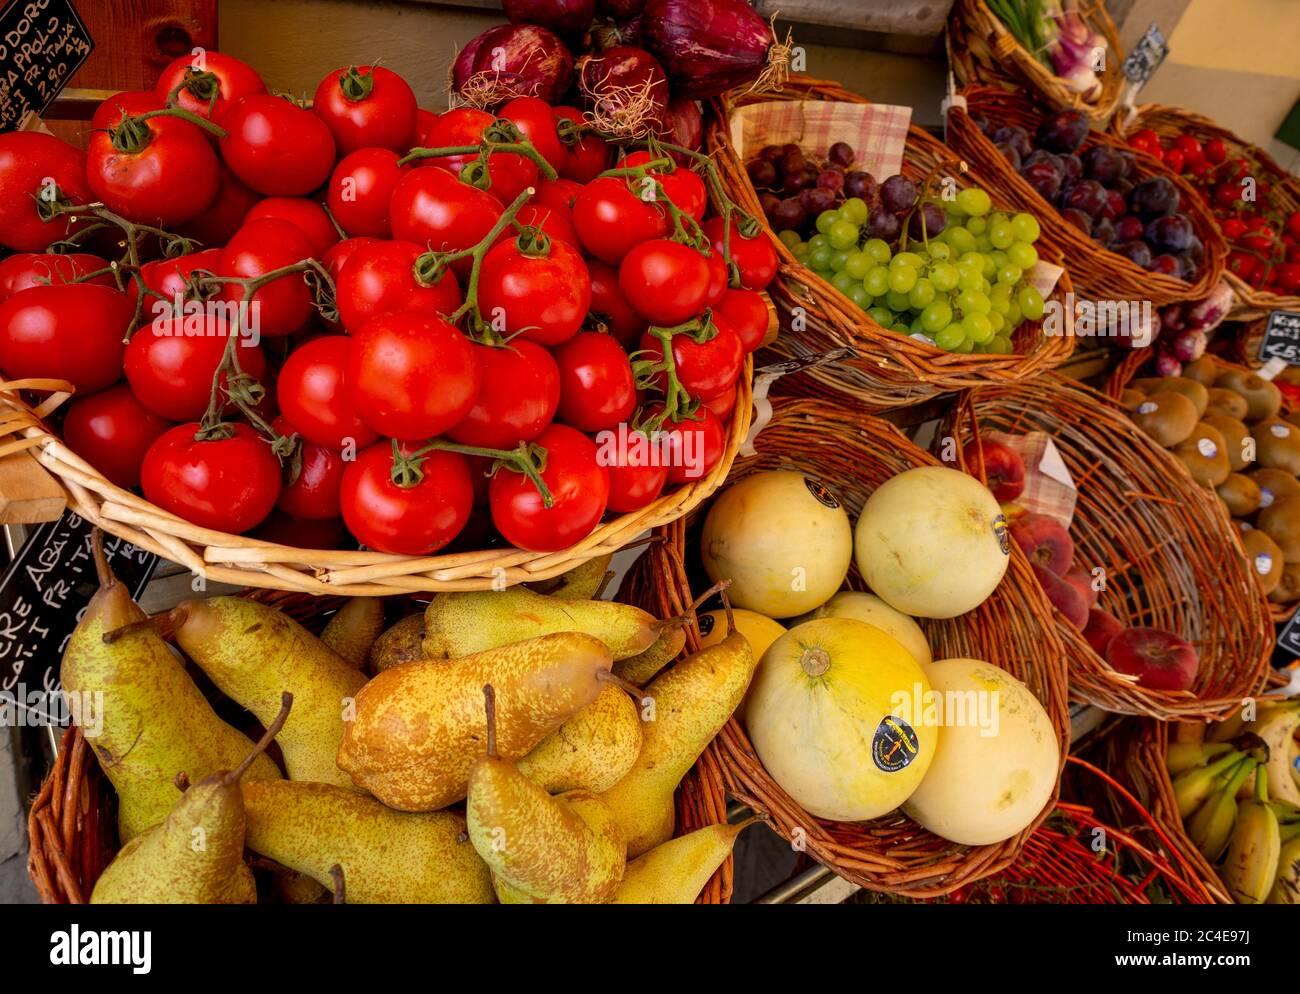 Fruits et légumes frais présentés dans des paniers à l'extérieur d'un magasin d'alimentation italien. Banque D'Images